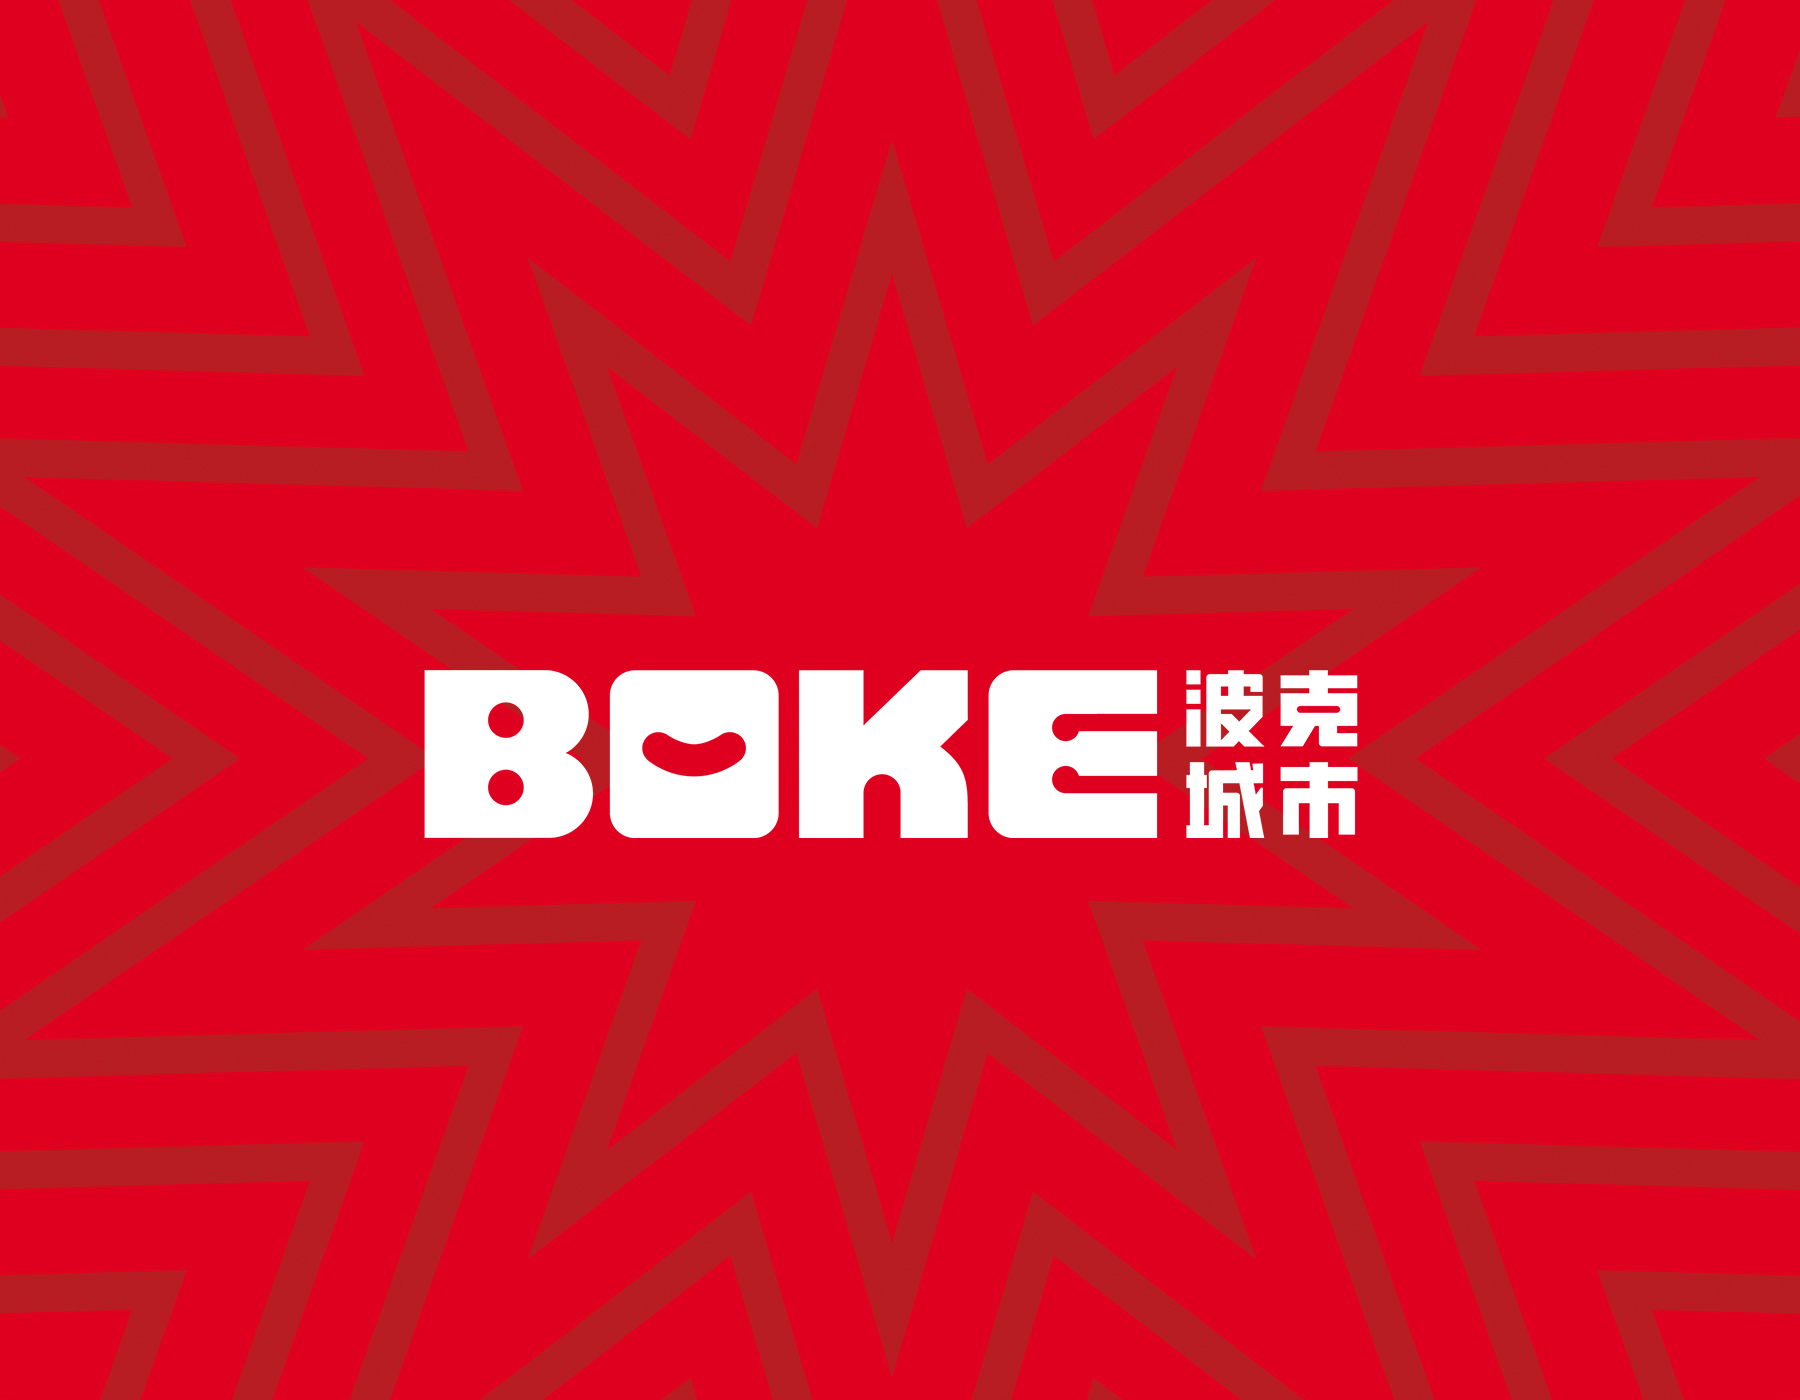 波克城市启用全新品牌标识